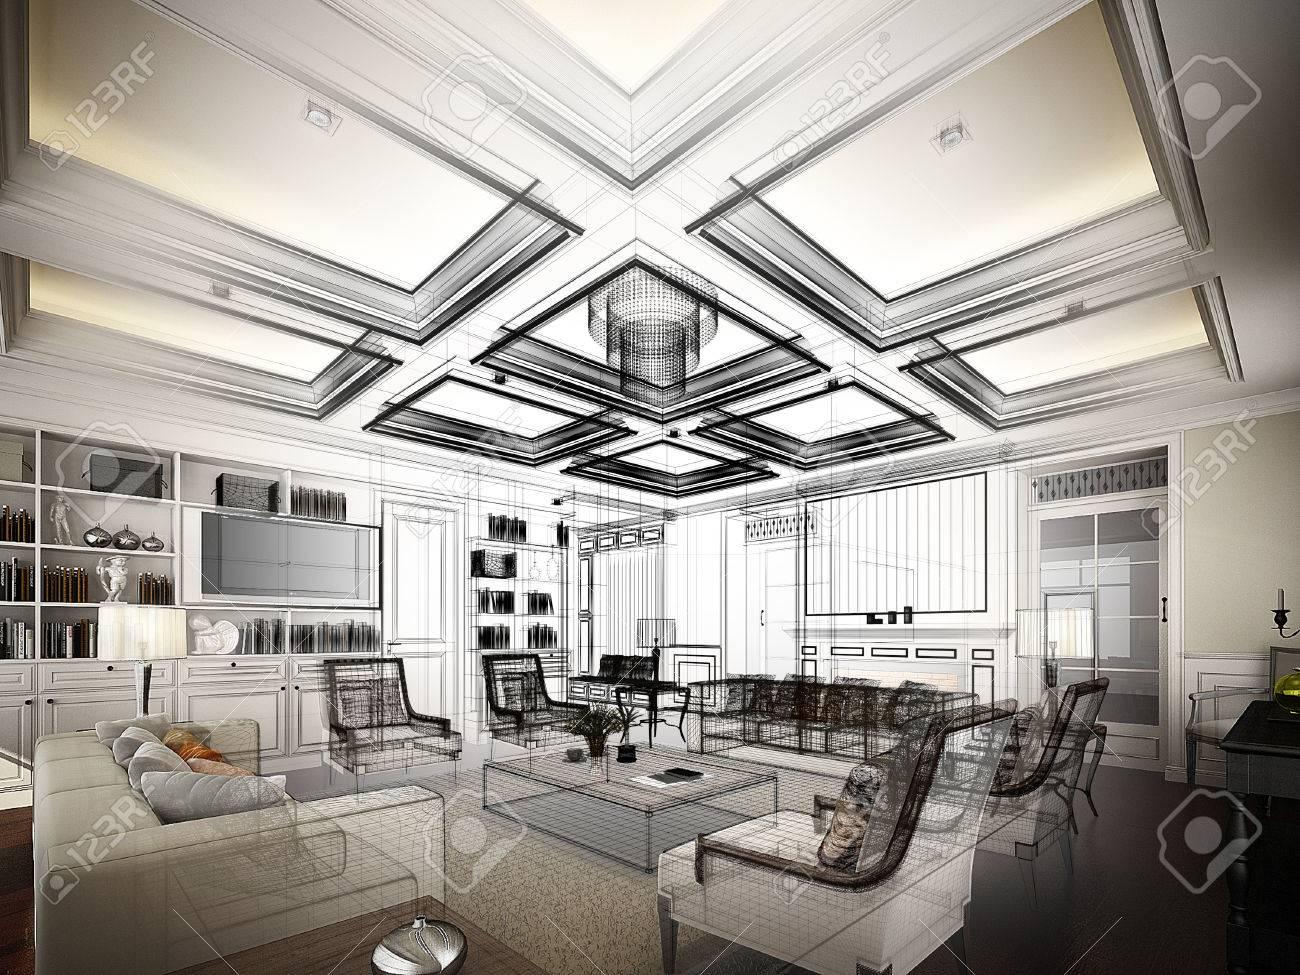 sketch design of living ,3dwire frame render - 37388205